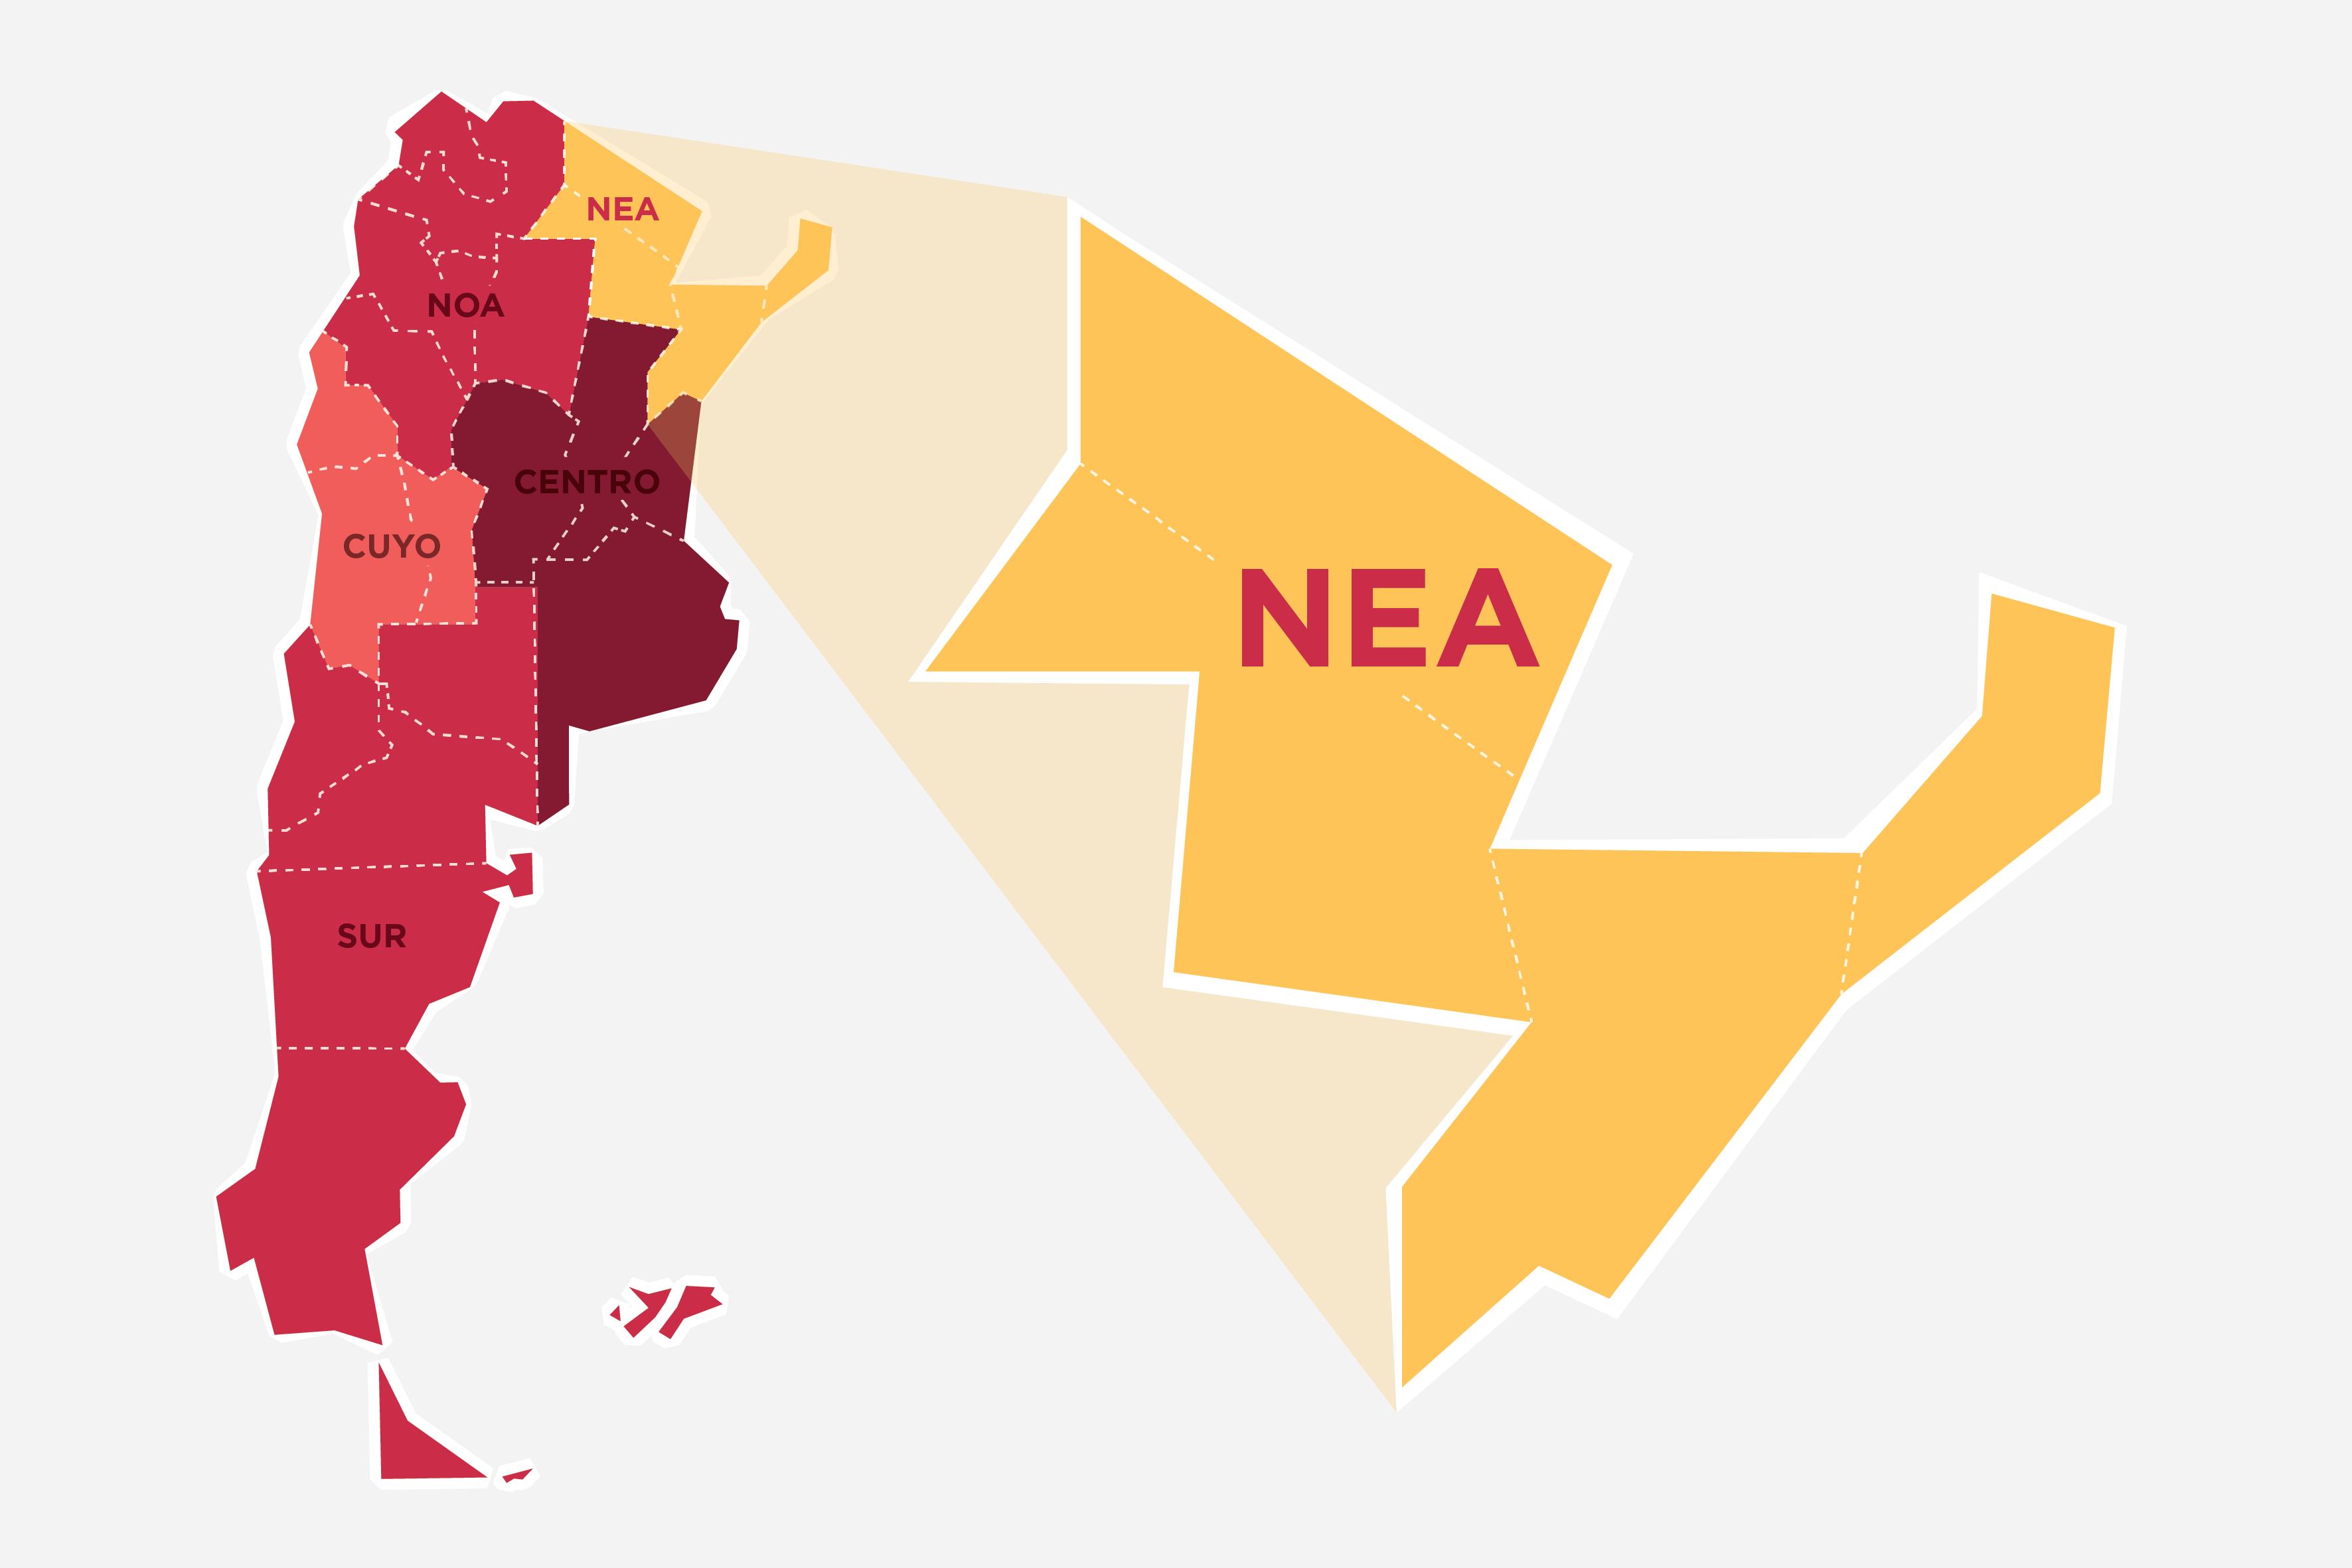 El Nordeste, una región de conformación reciente que logró consolidar su identidad